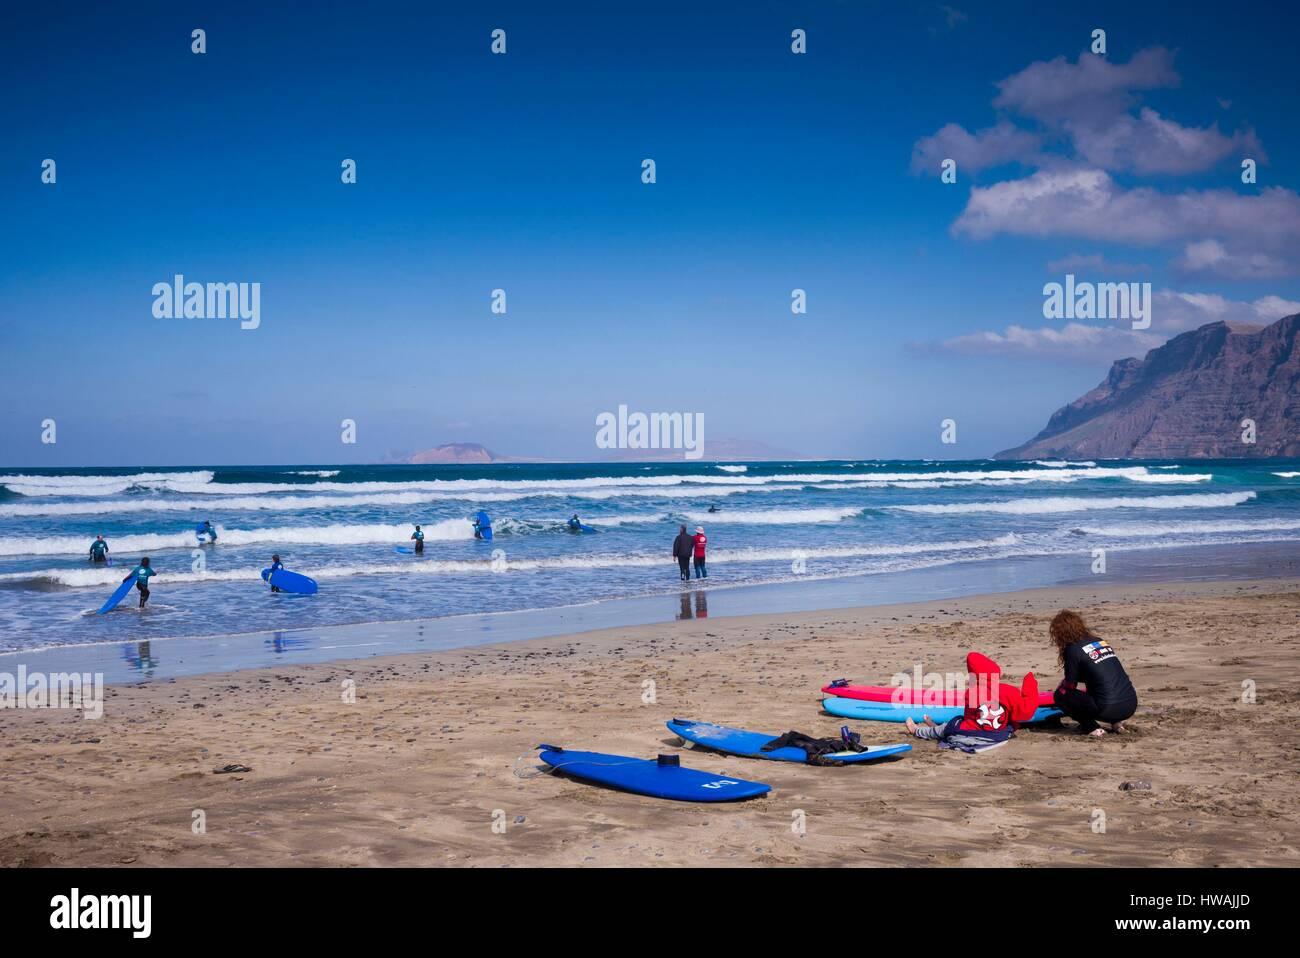 Lanzarote Caleta De Famara Imágenes De Stock   Lanzarote Caleta De ... b97858f4377